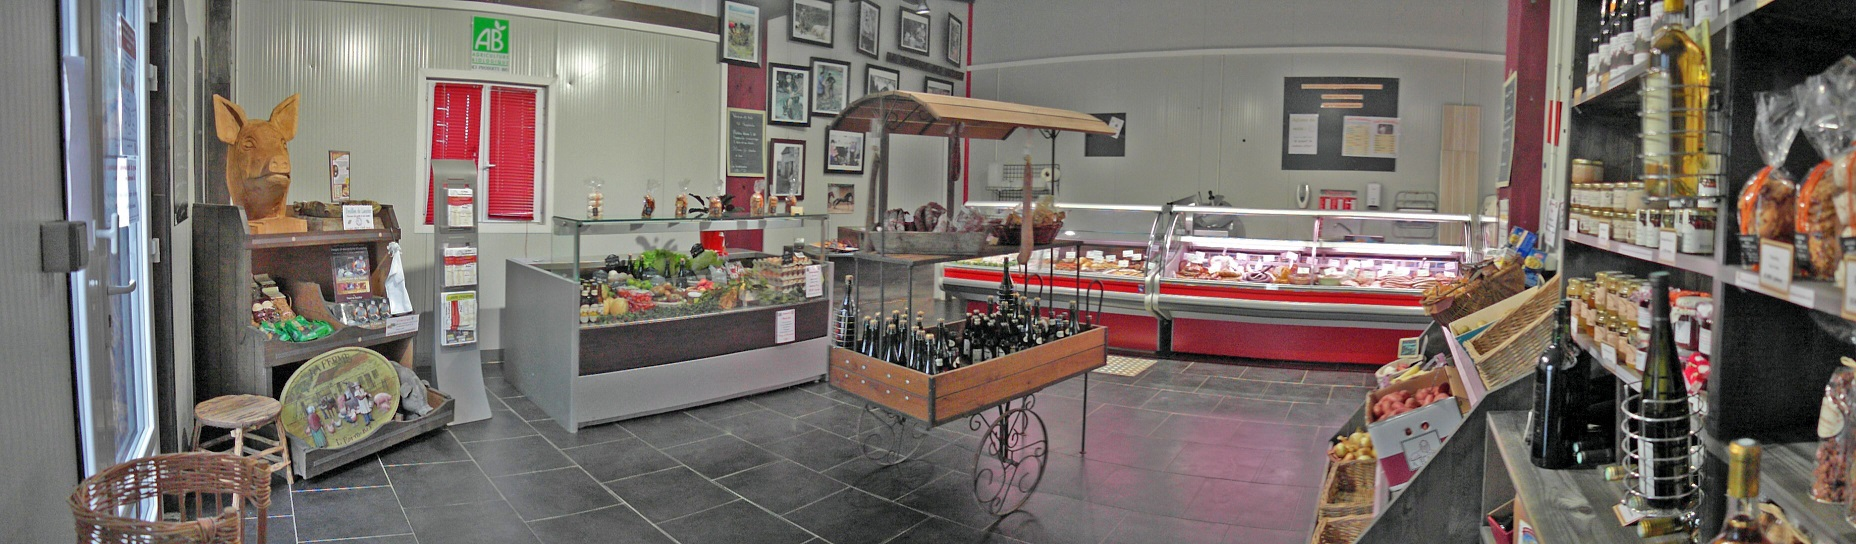 image de la boutique à la ferme